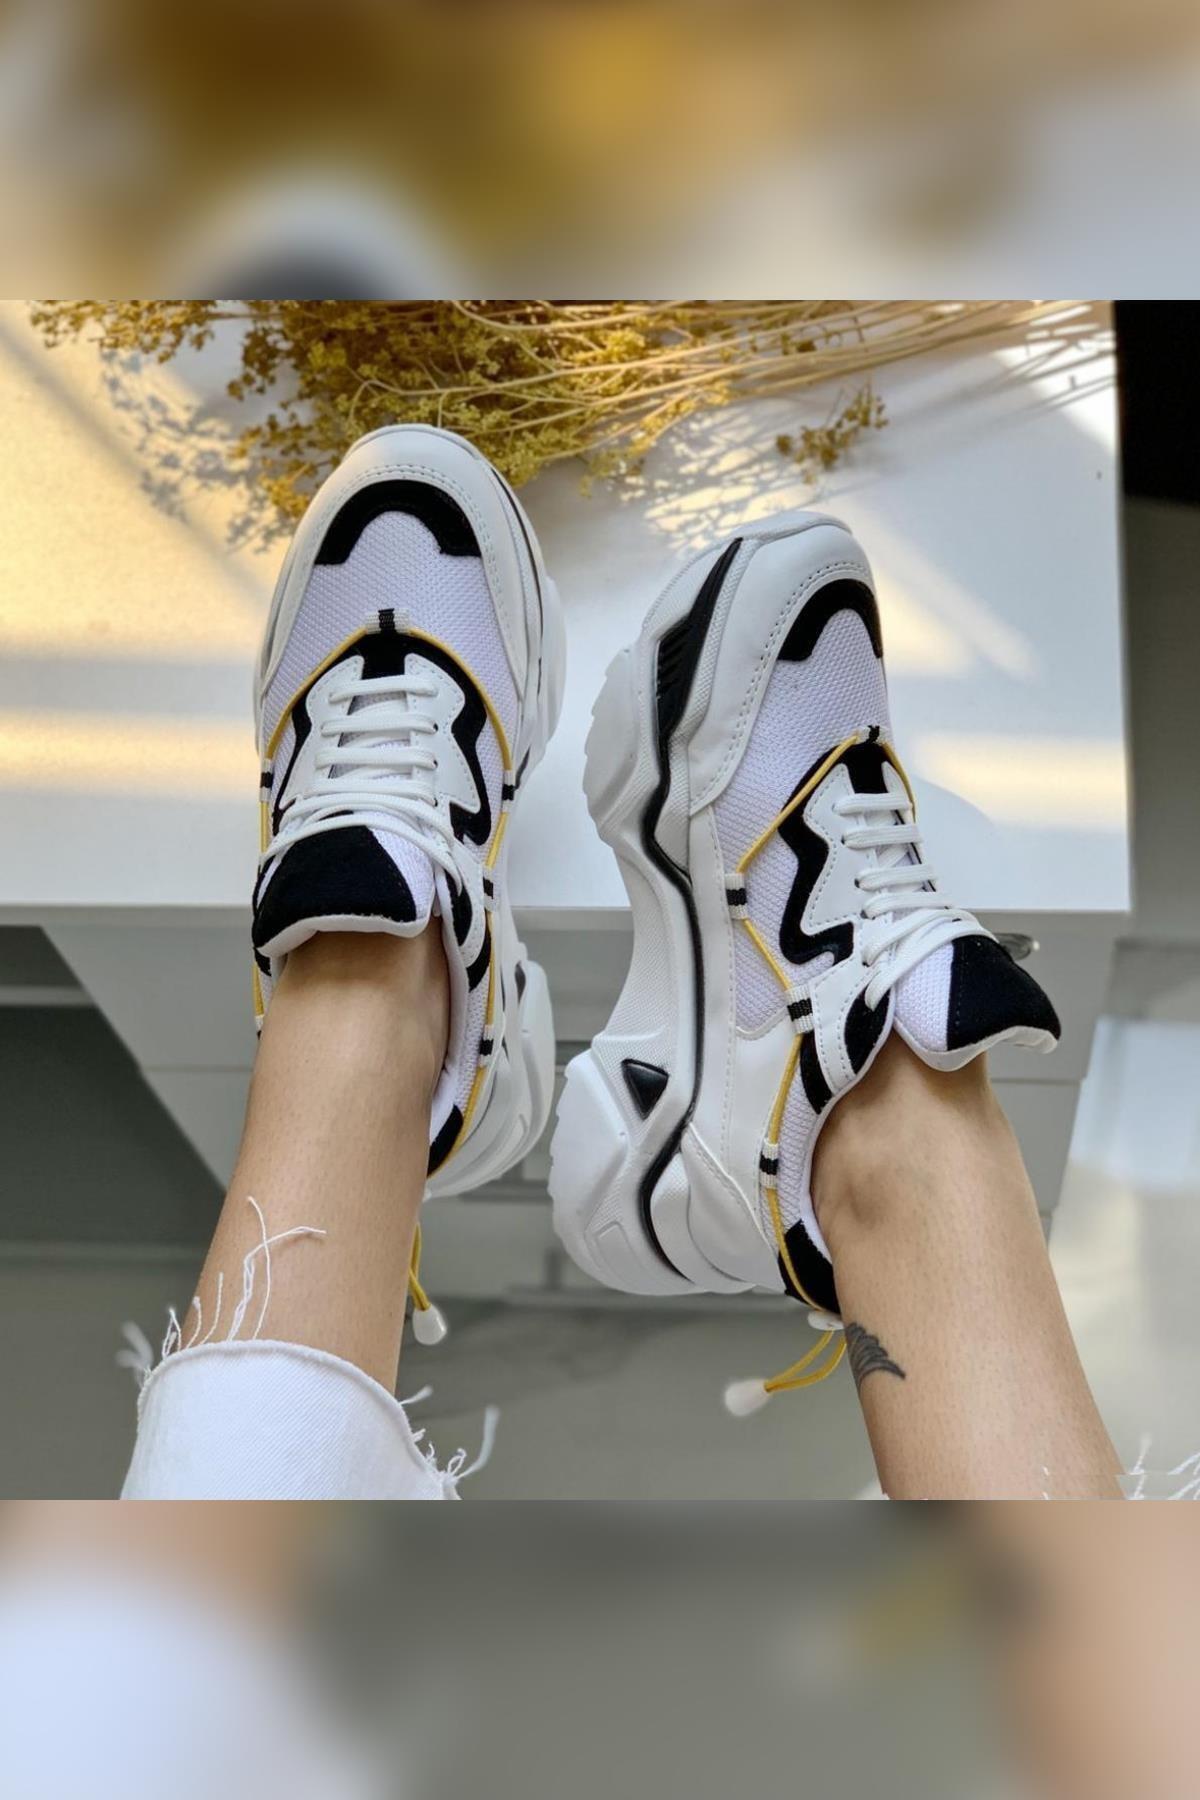 Limoya Cassandra Beyaz Fileli Siyah Süet Yüksek Tabanlı Sneakers